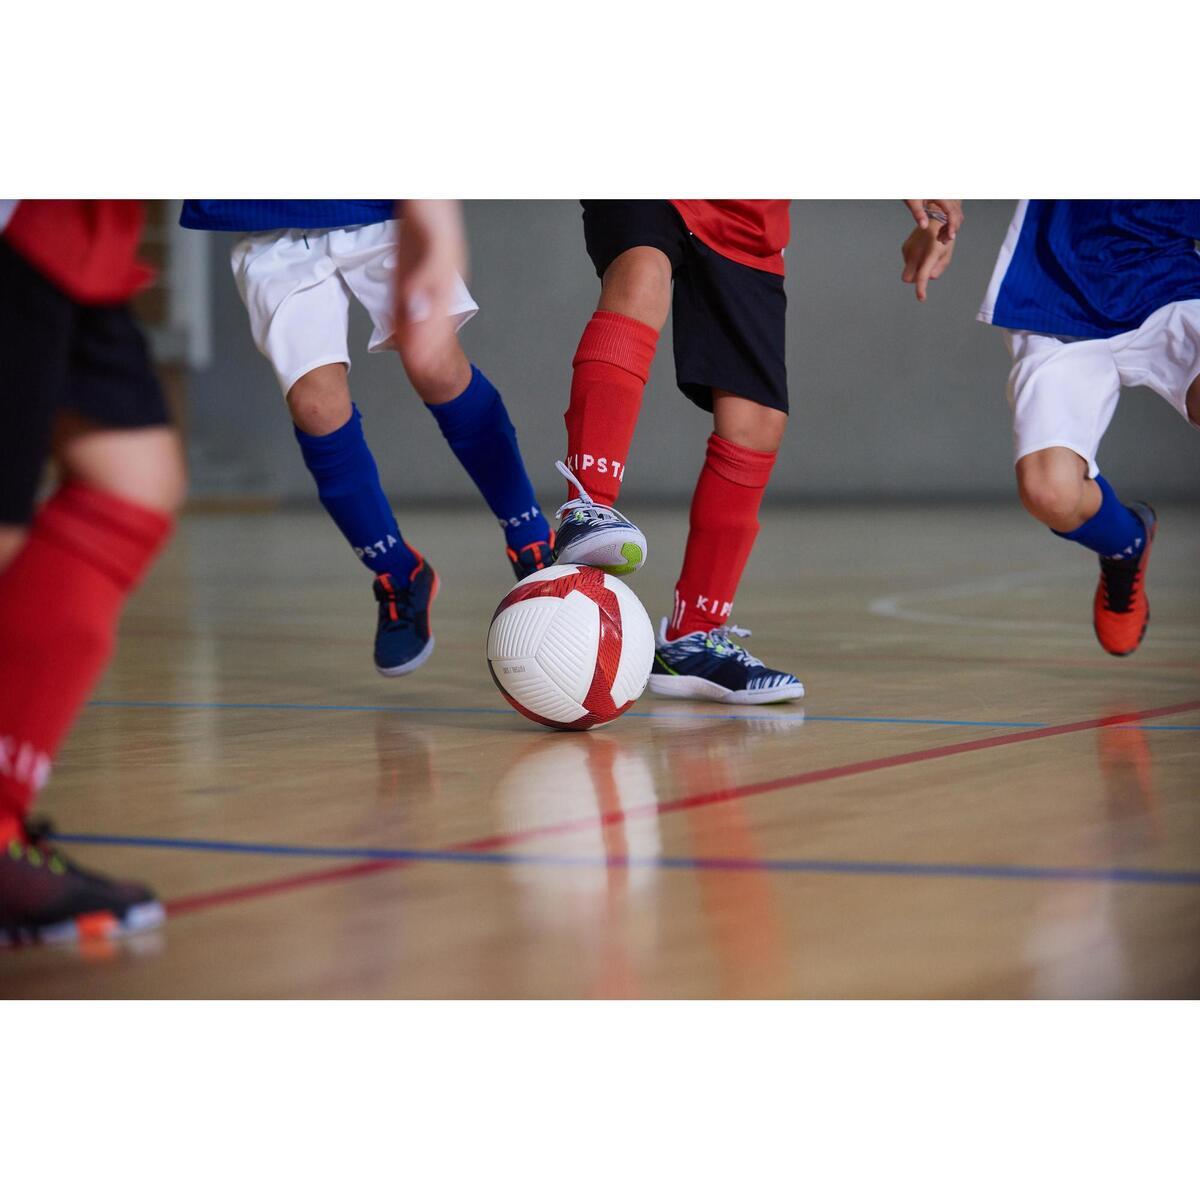 Bild 4 von Hallenschuhe Eskudo 500 Futsal Kinder blau/grau